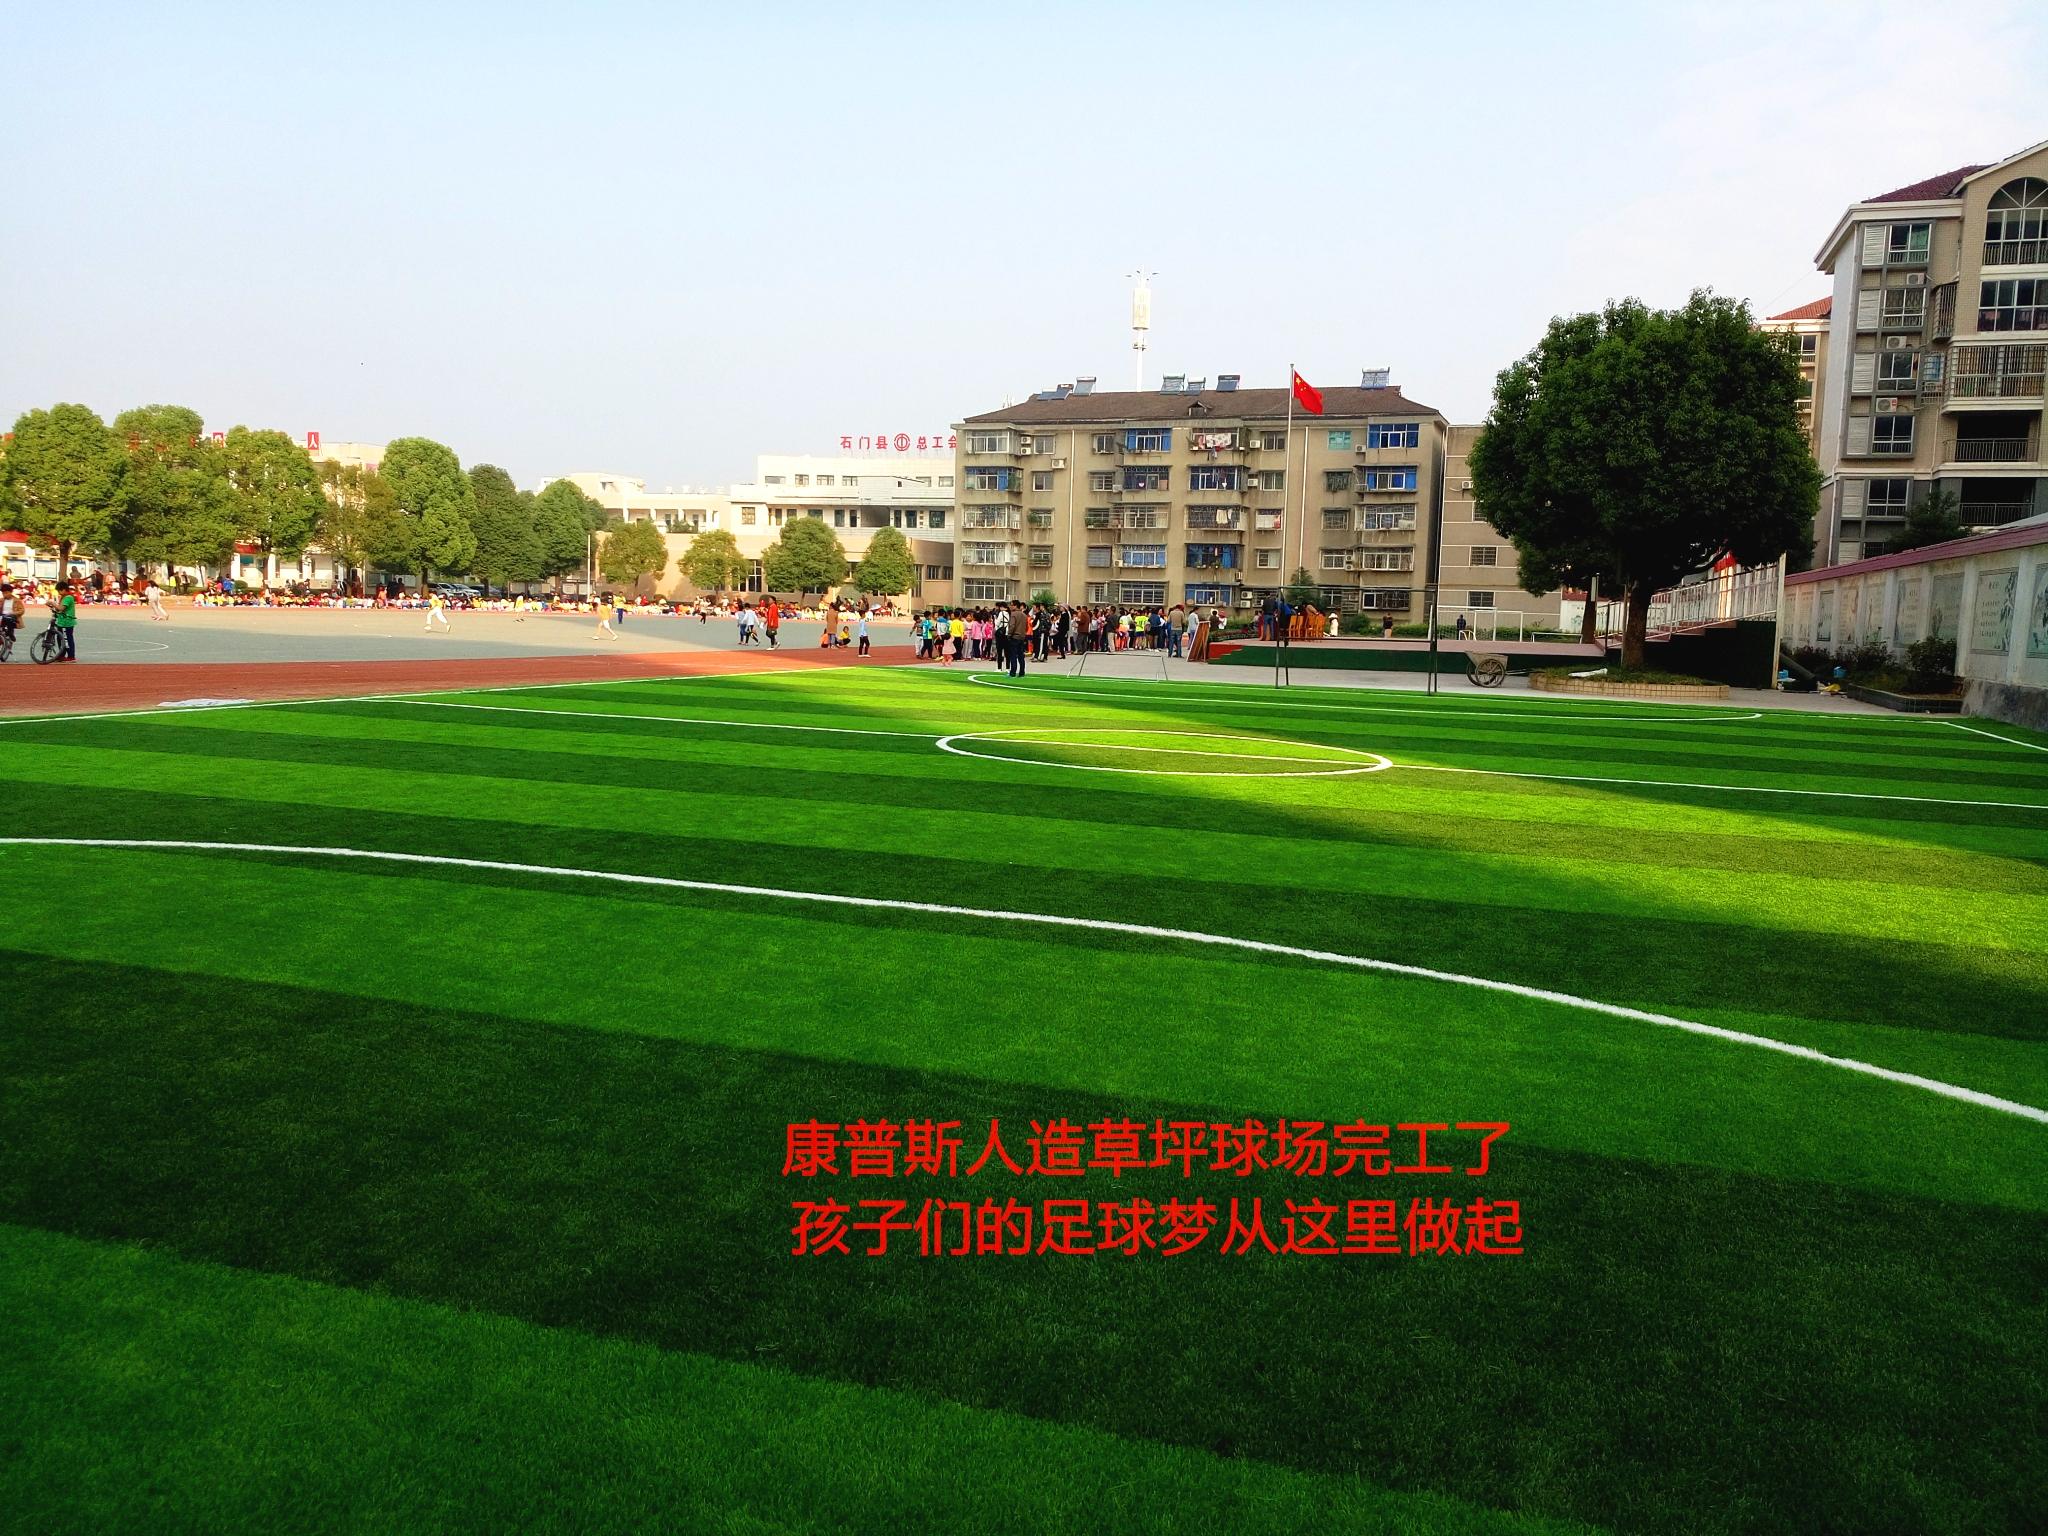 优冠体育 康普斯人造草皮 11人制足球场 仿真草坪铺设材料施工